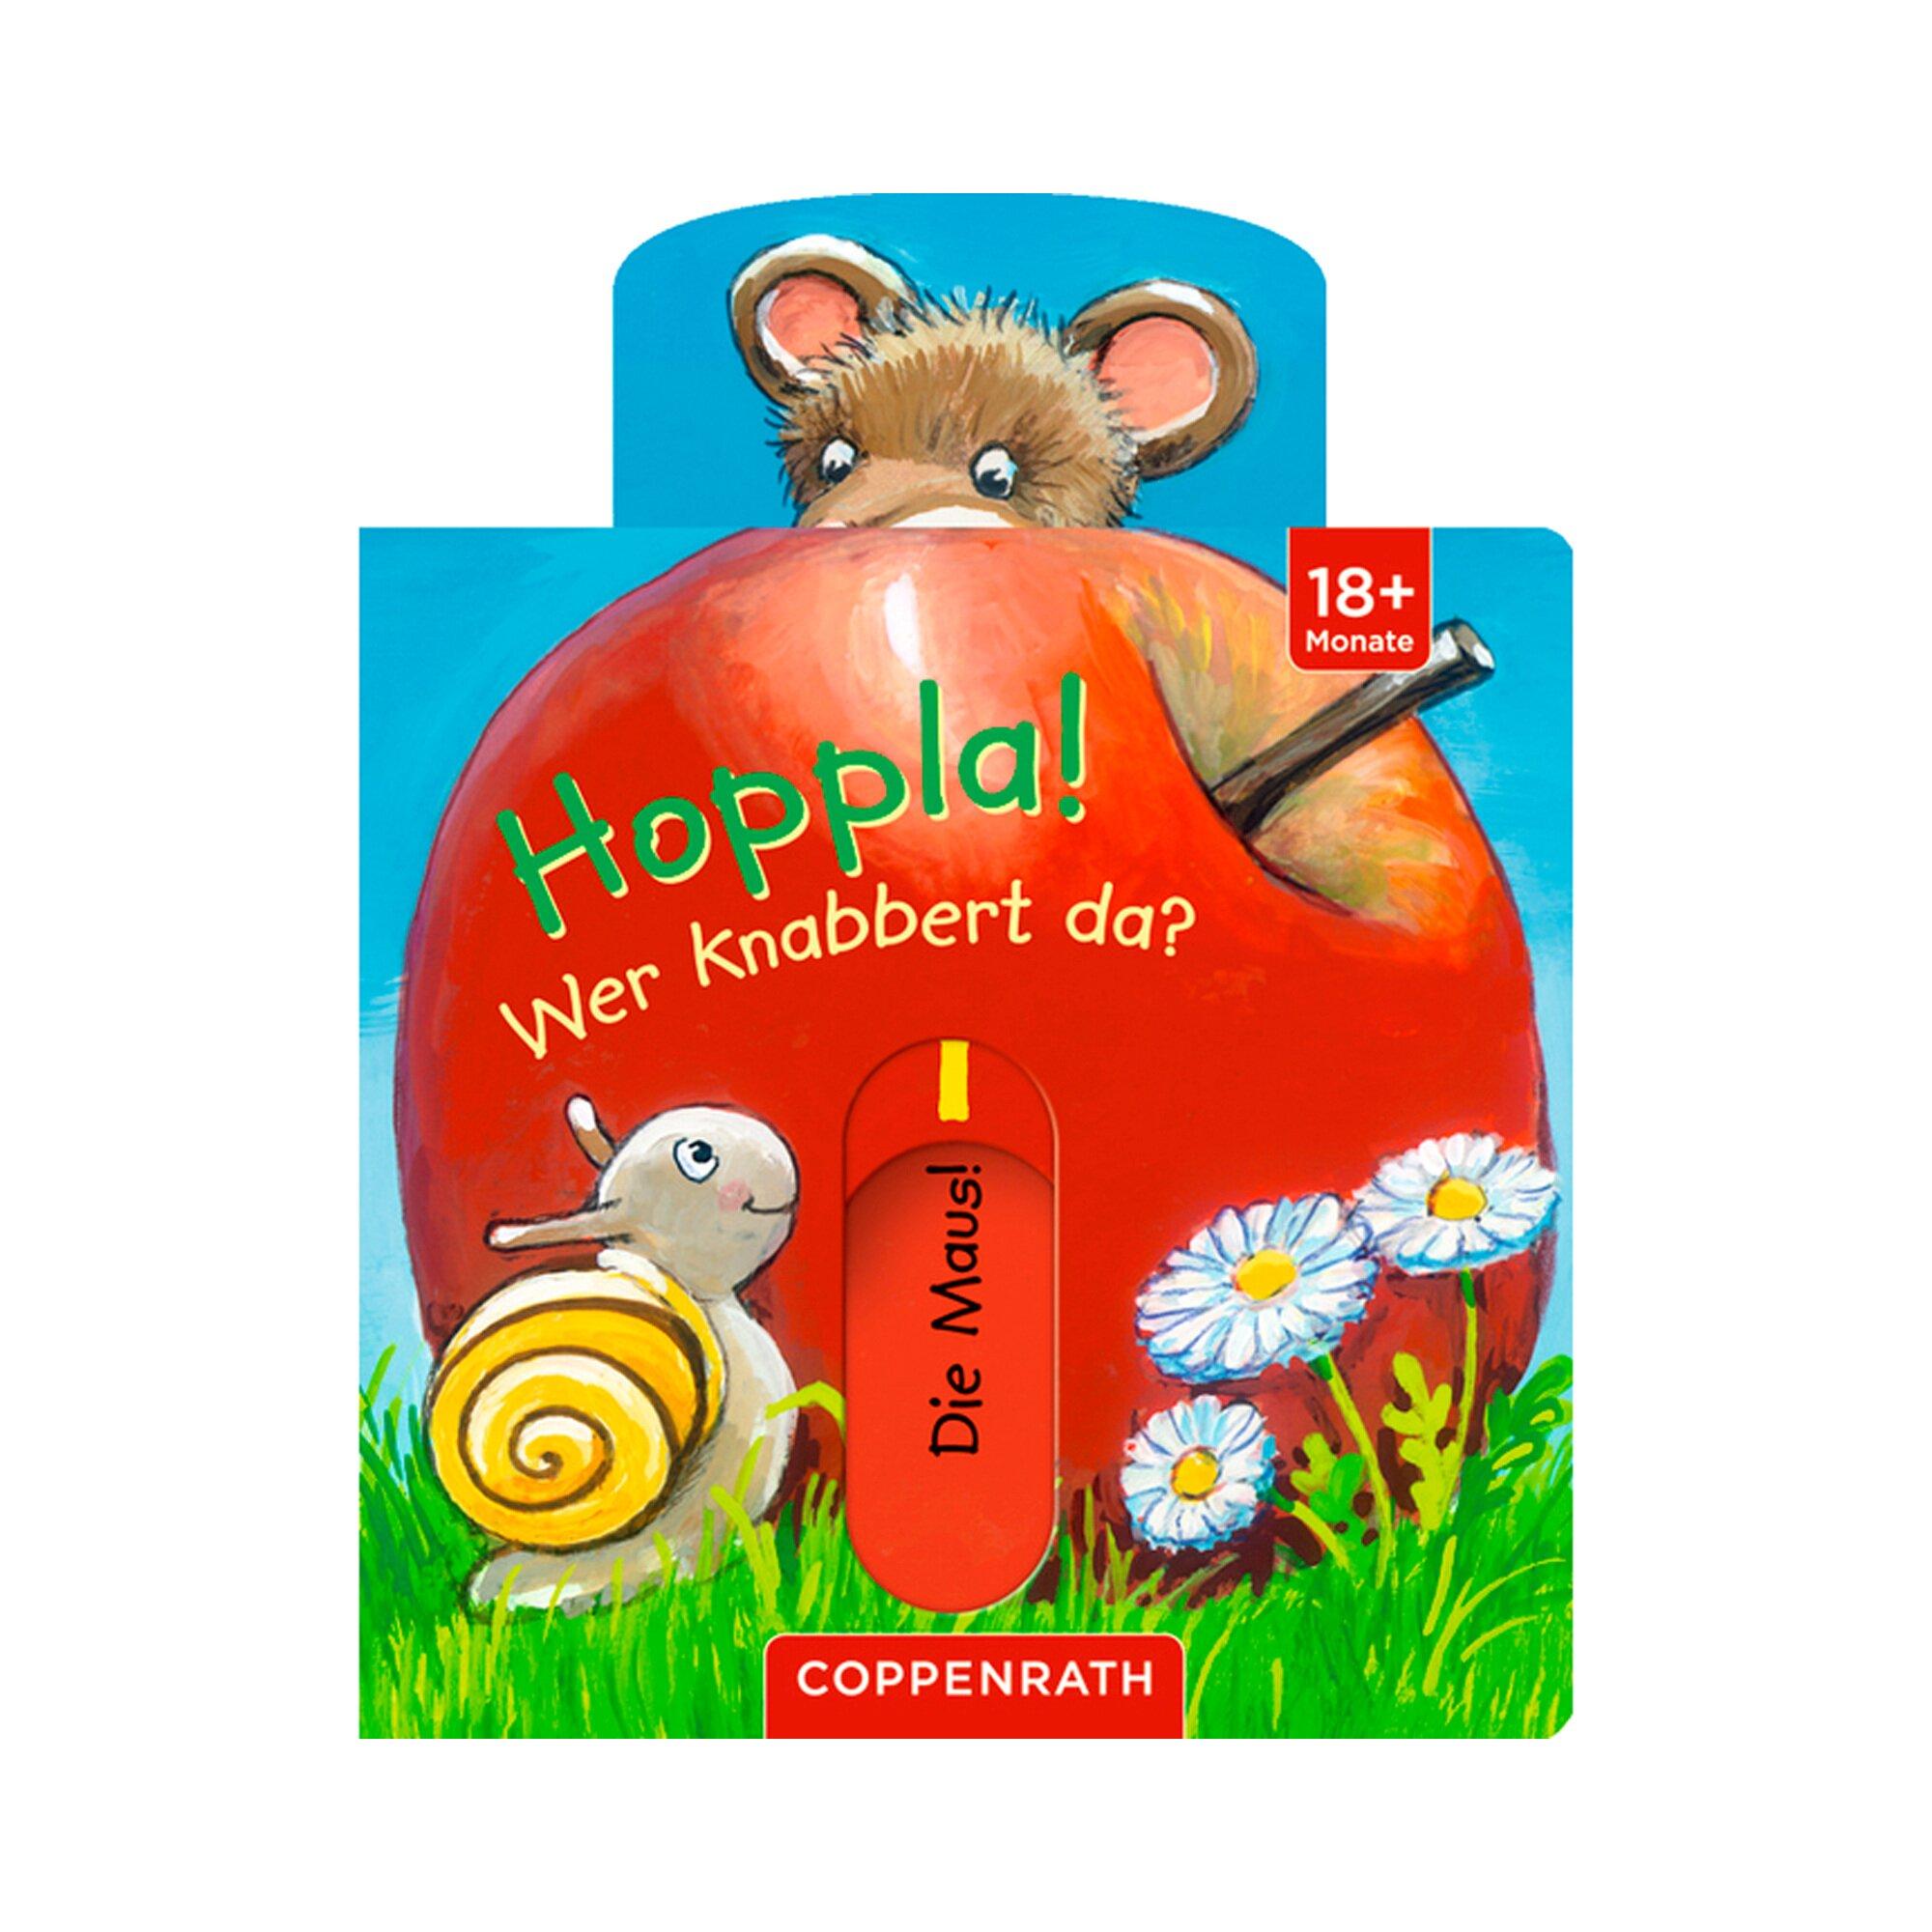 coppenrath-die-spiegelburg-pappbilderbuch-hoppla-wer-knabbert-da-